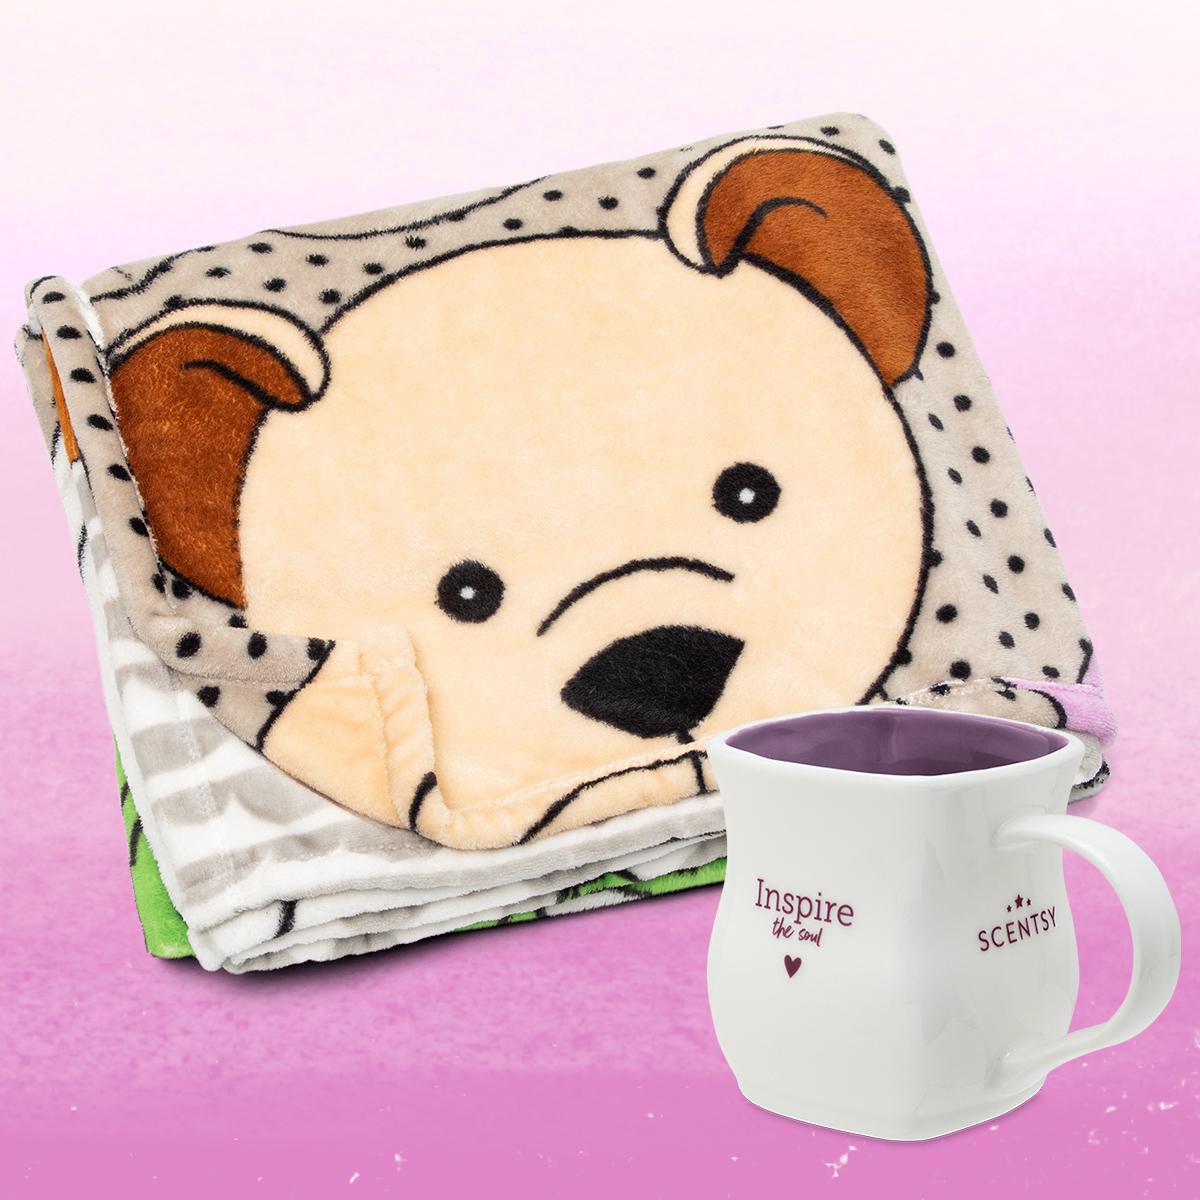 Scentsy Blanket Mug October